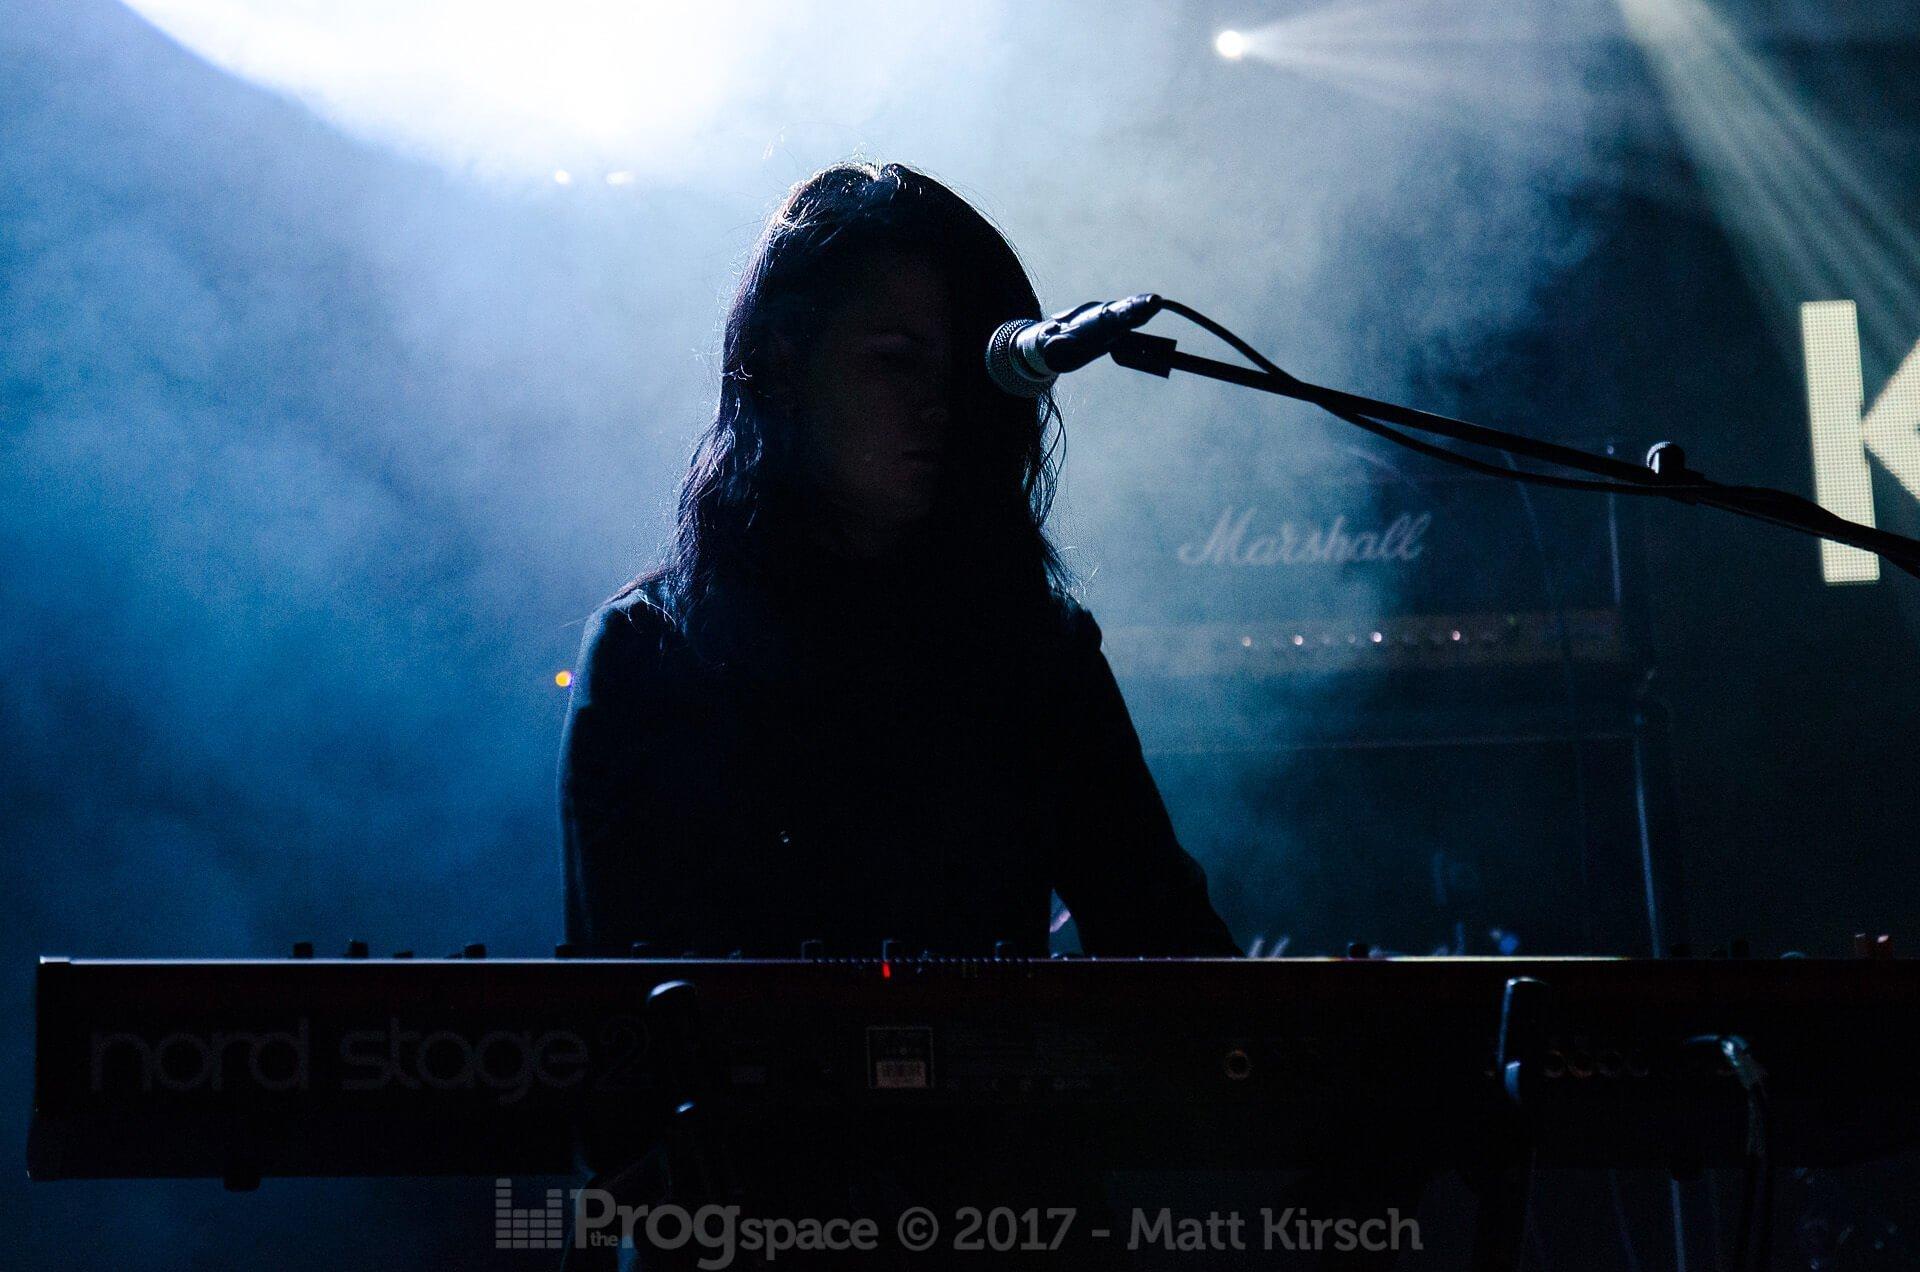 Kauan at ProgPower Europe 2017